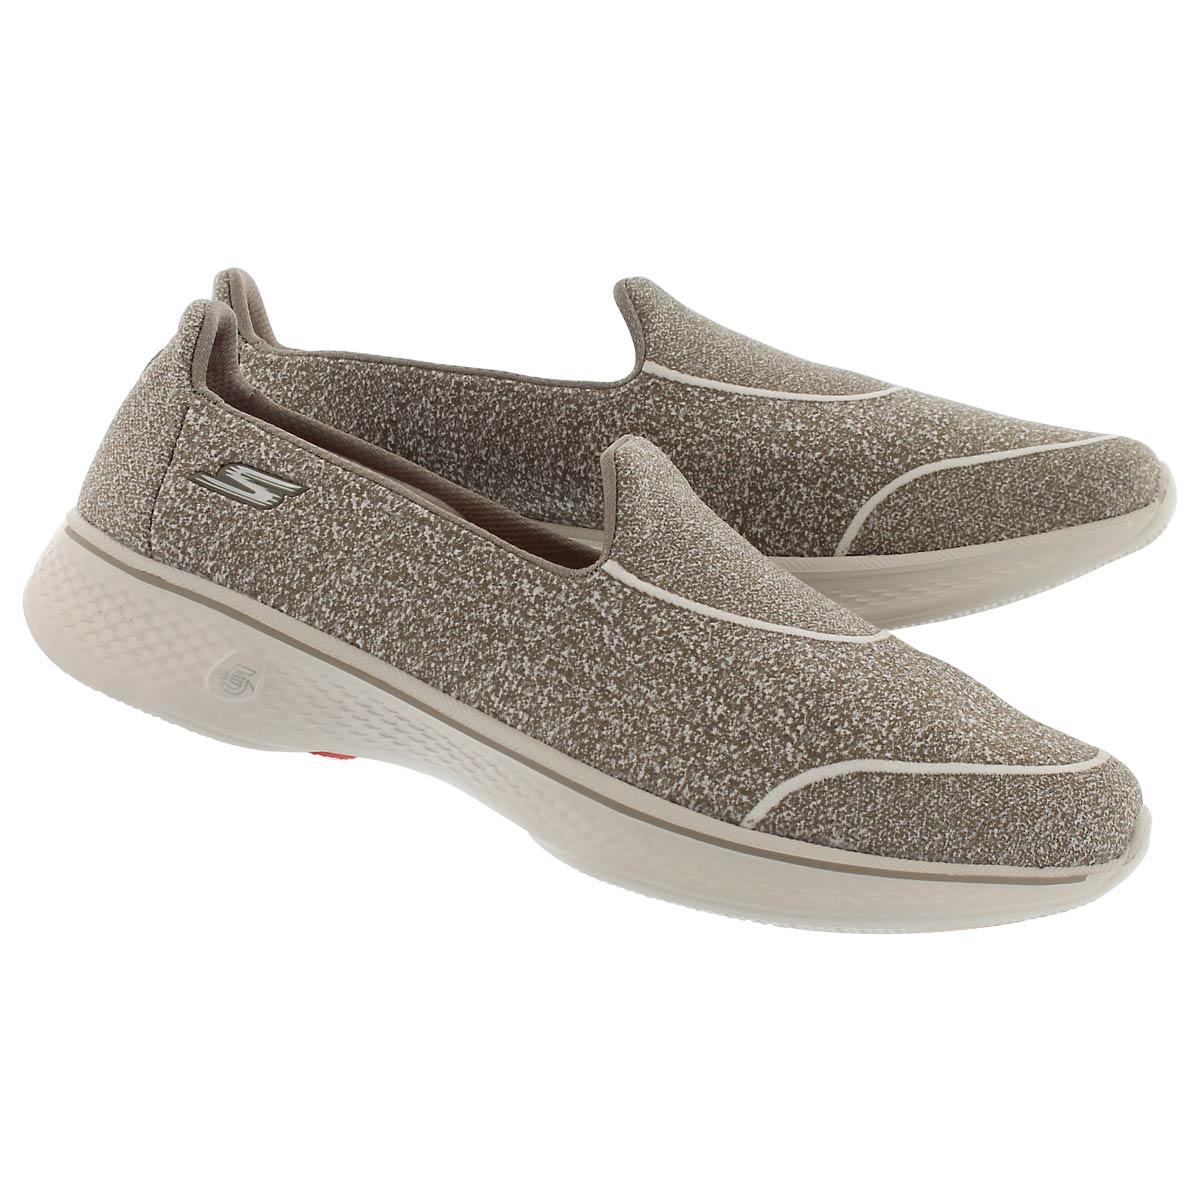 Lds GO Walk4 Super Sock tpe slip on shoe